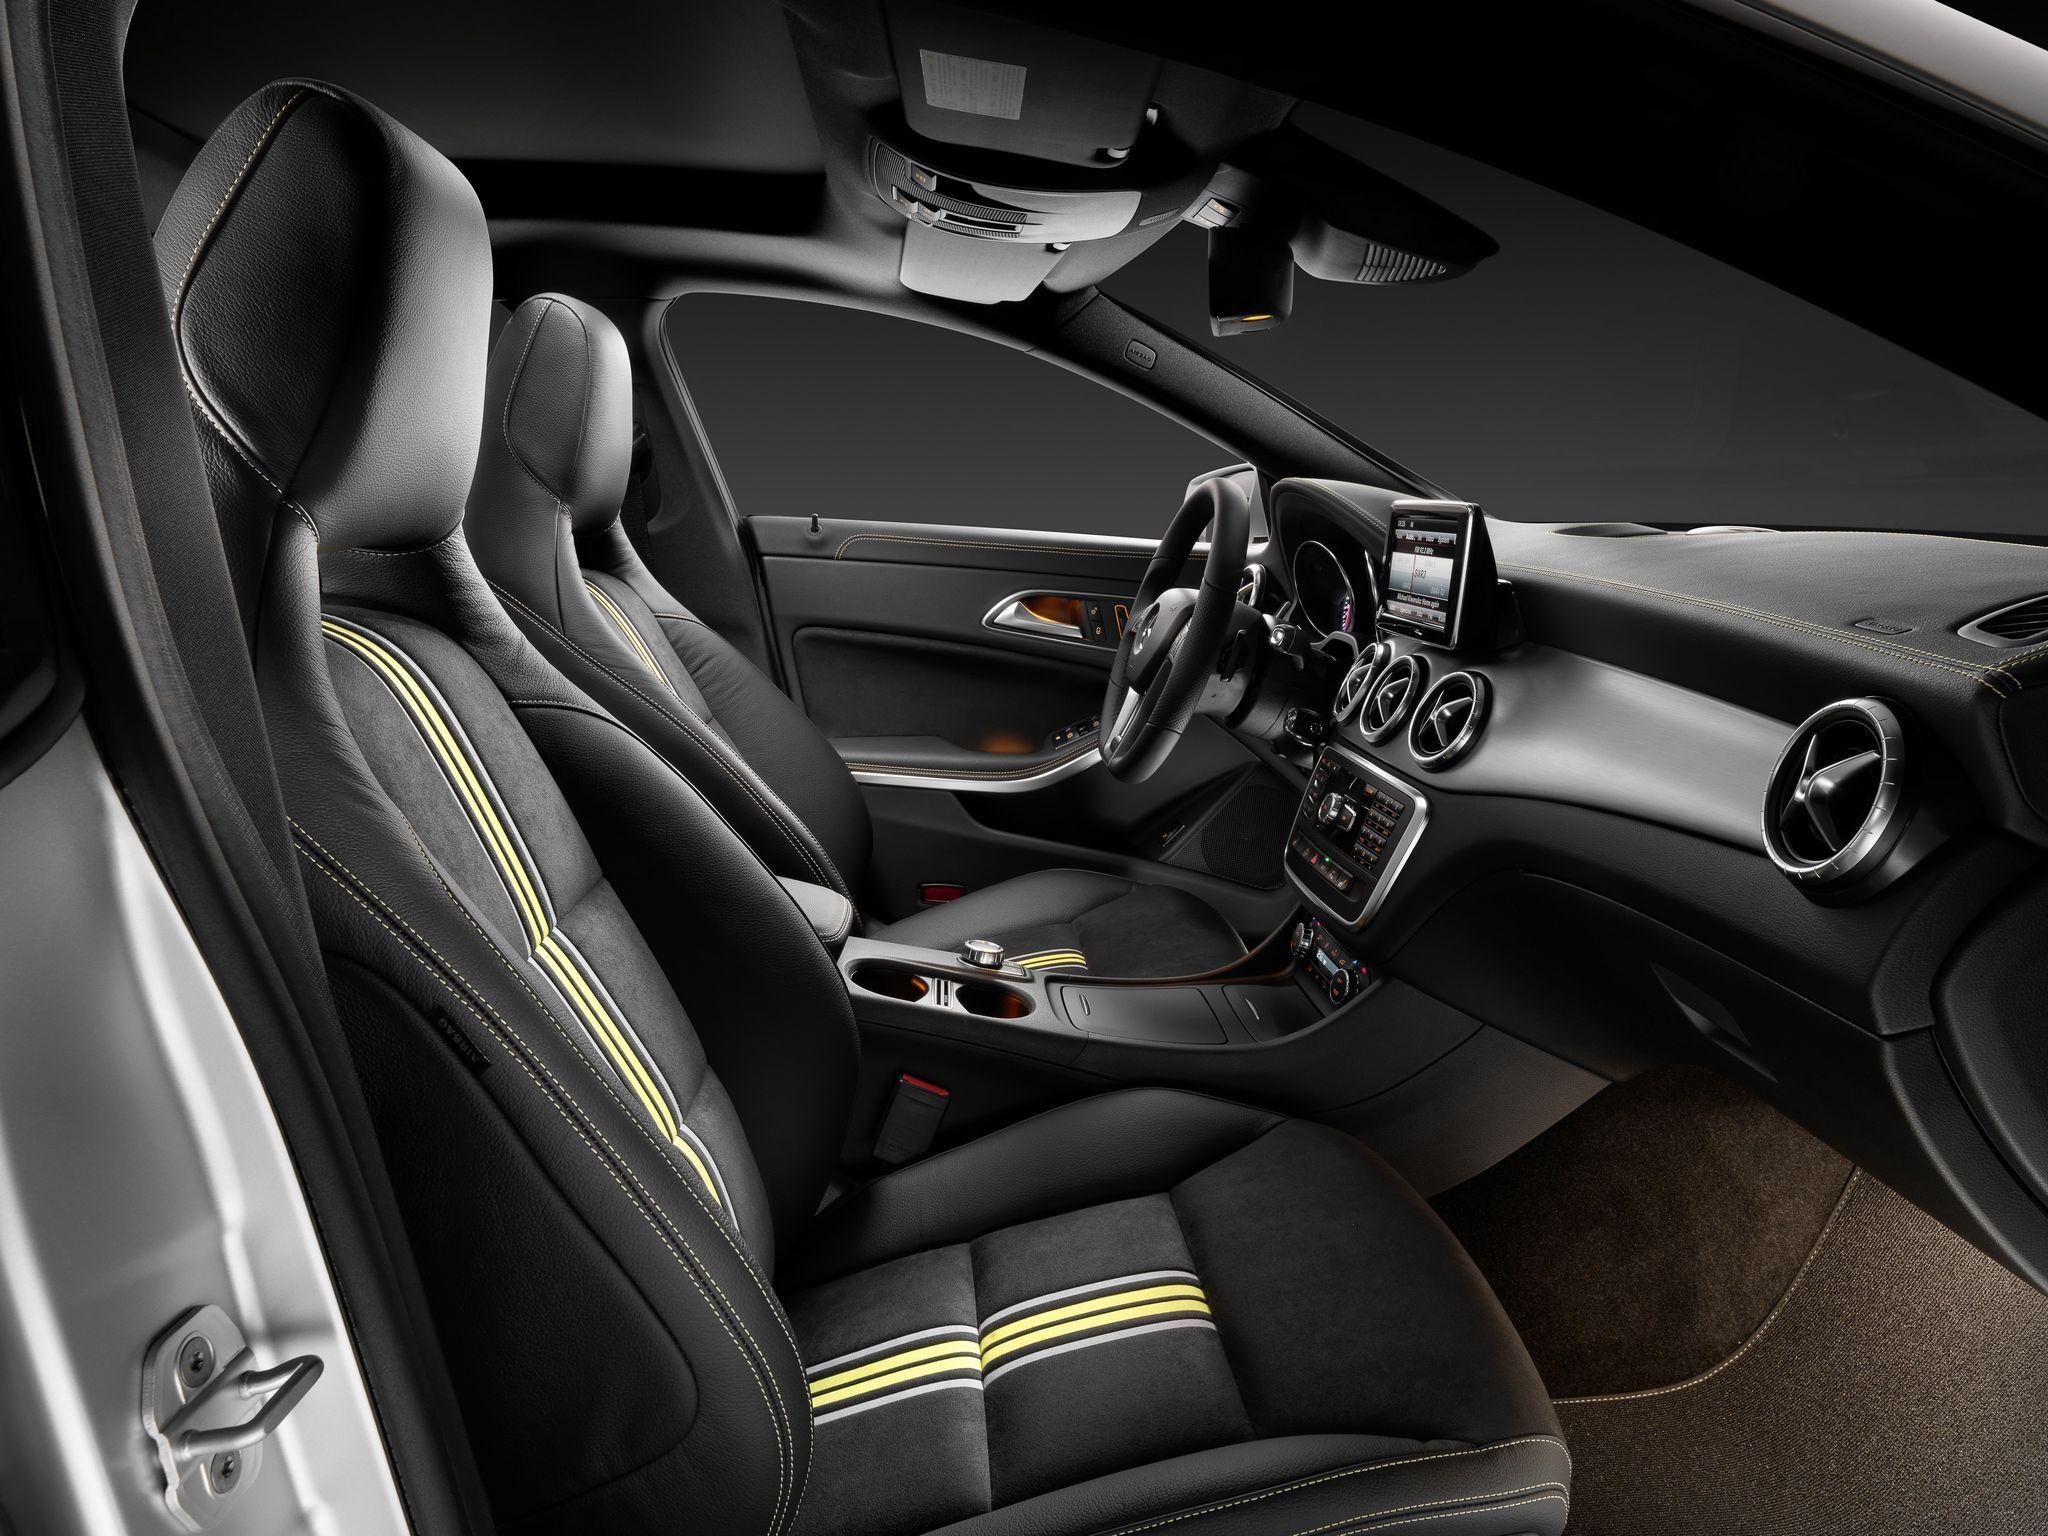 Mercedes benz cla fuel consumption combined 7 1 3 8